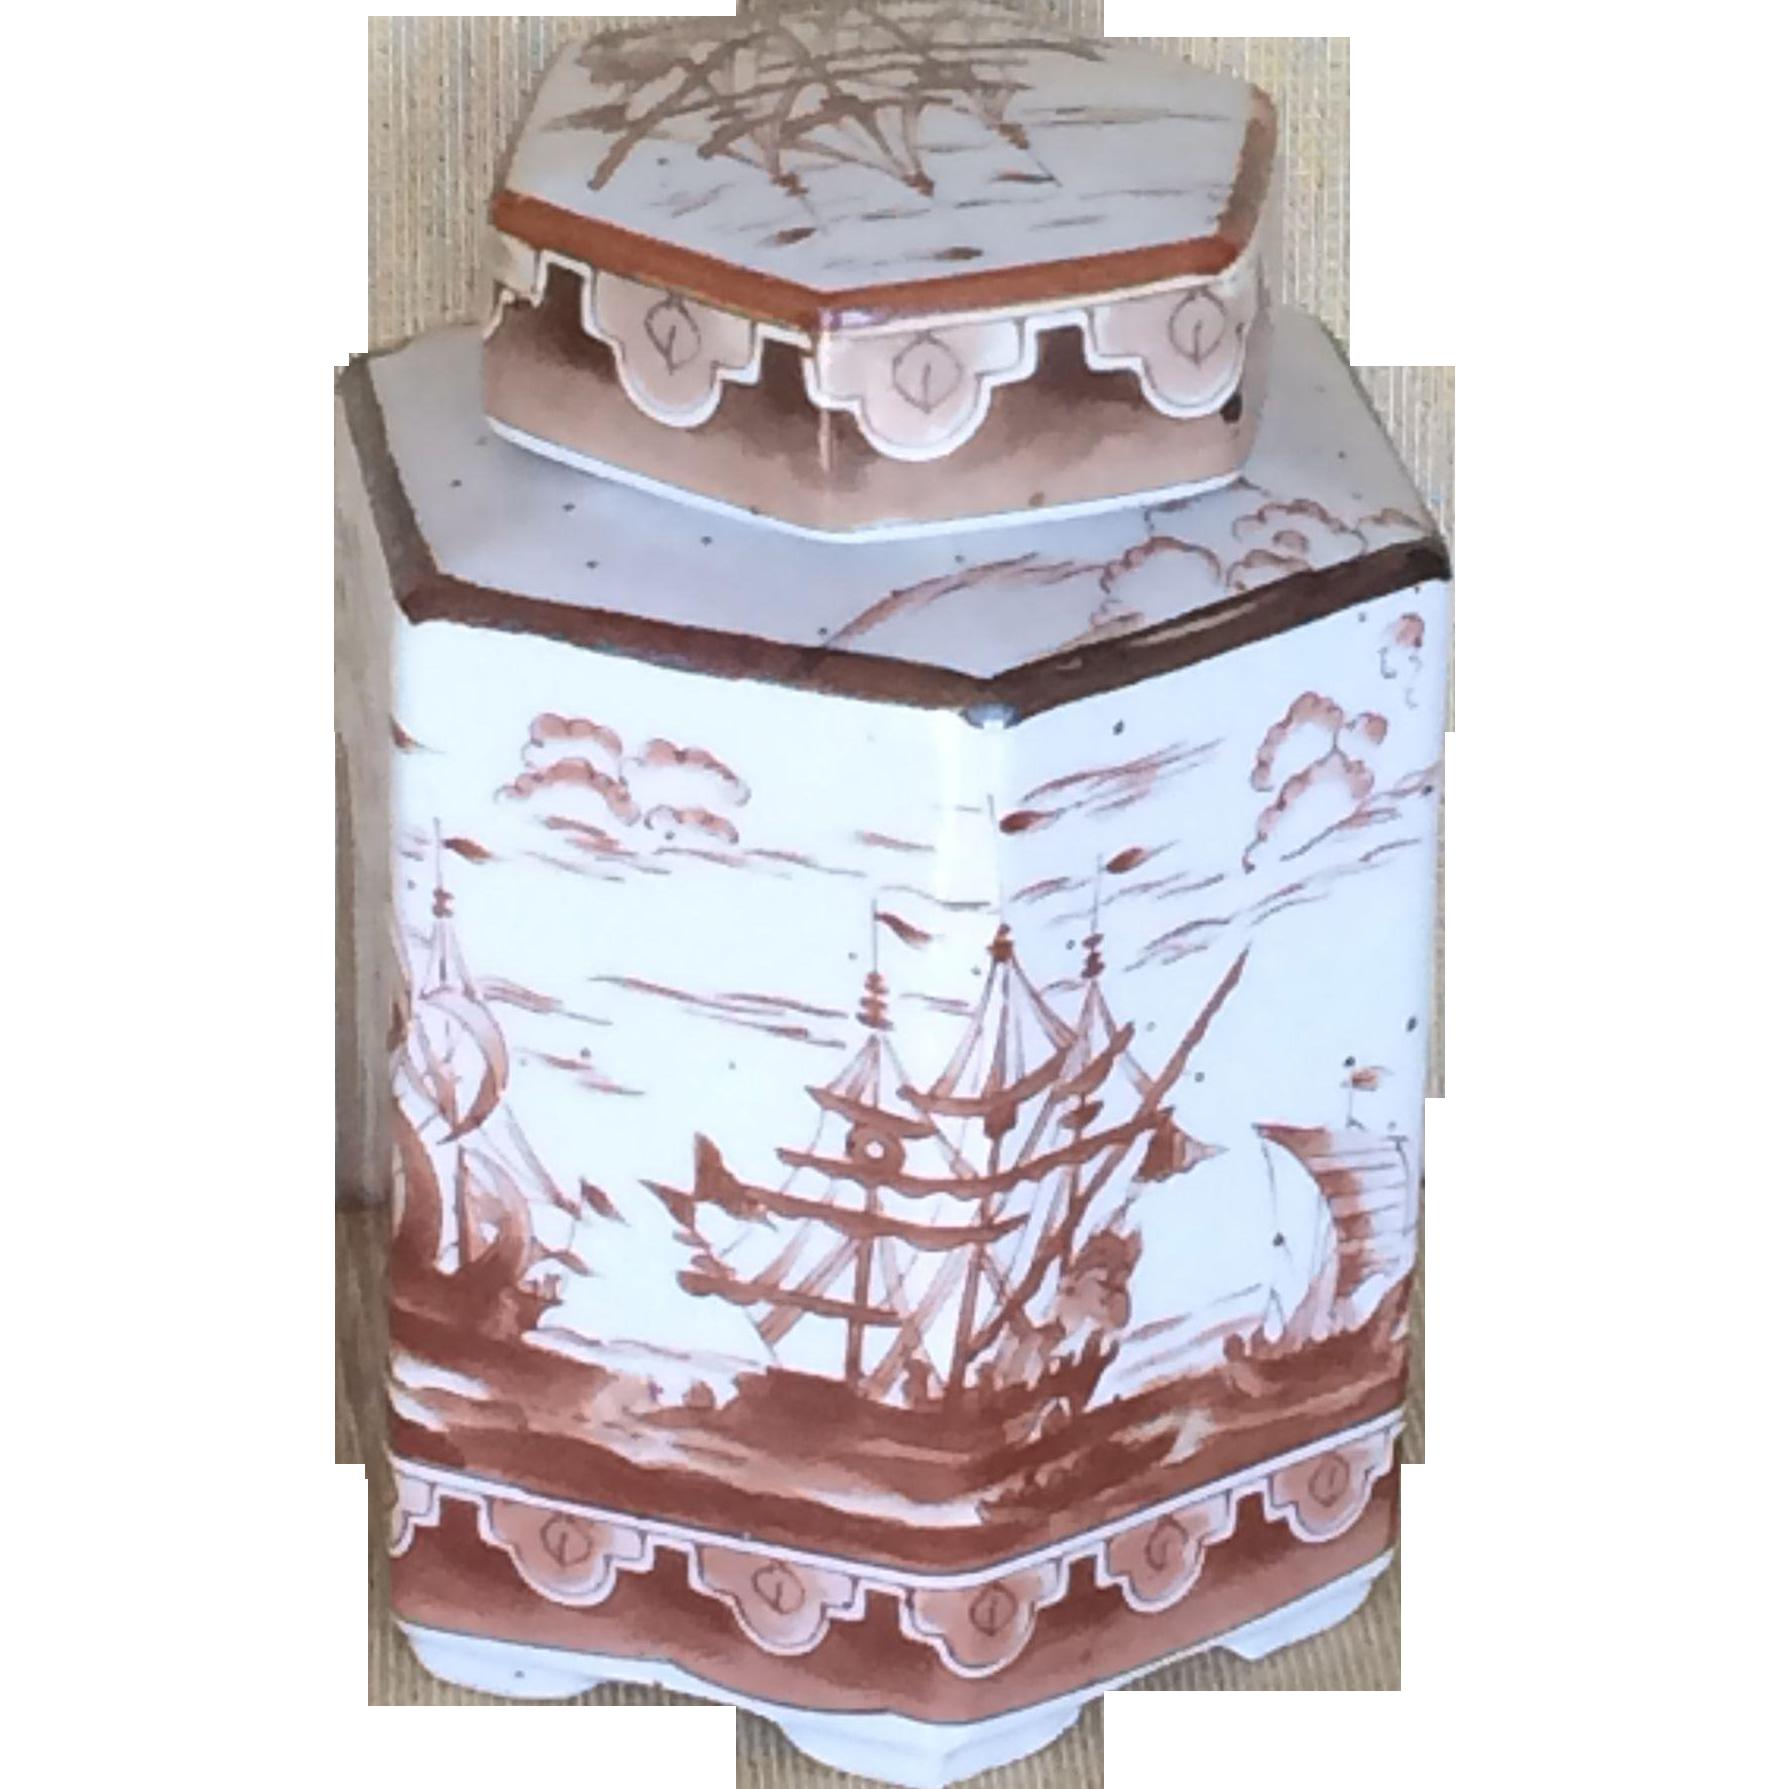 Japan vintage ginger jar or tea caddy with ships